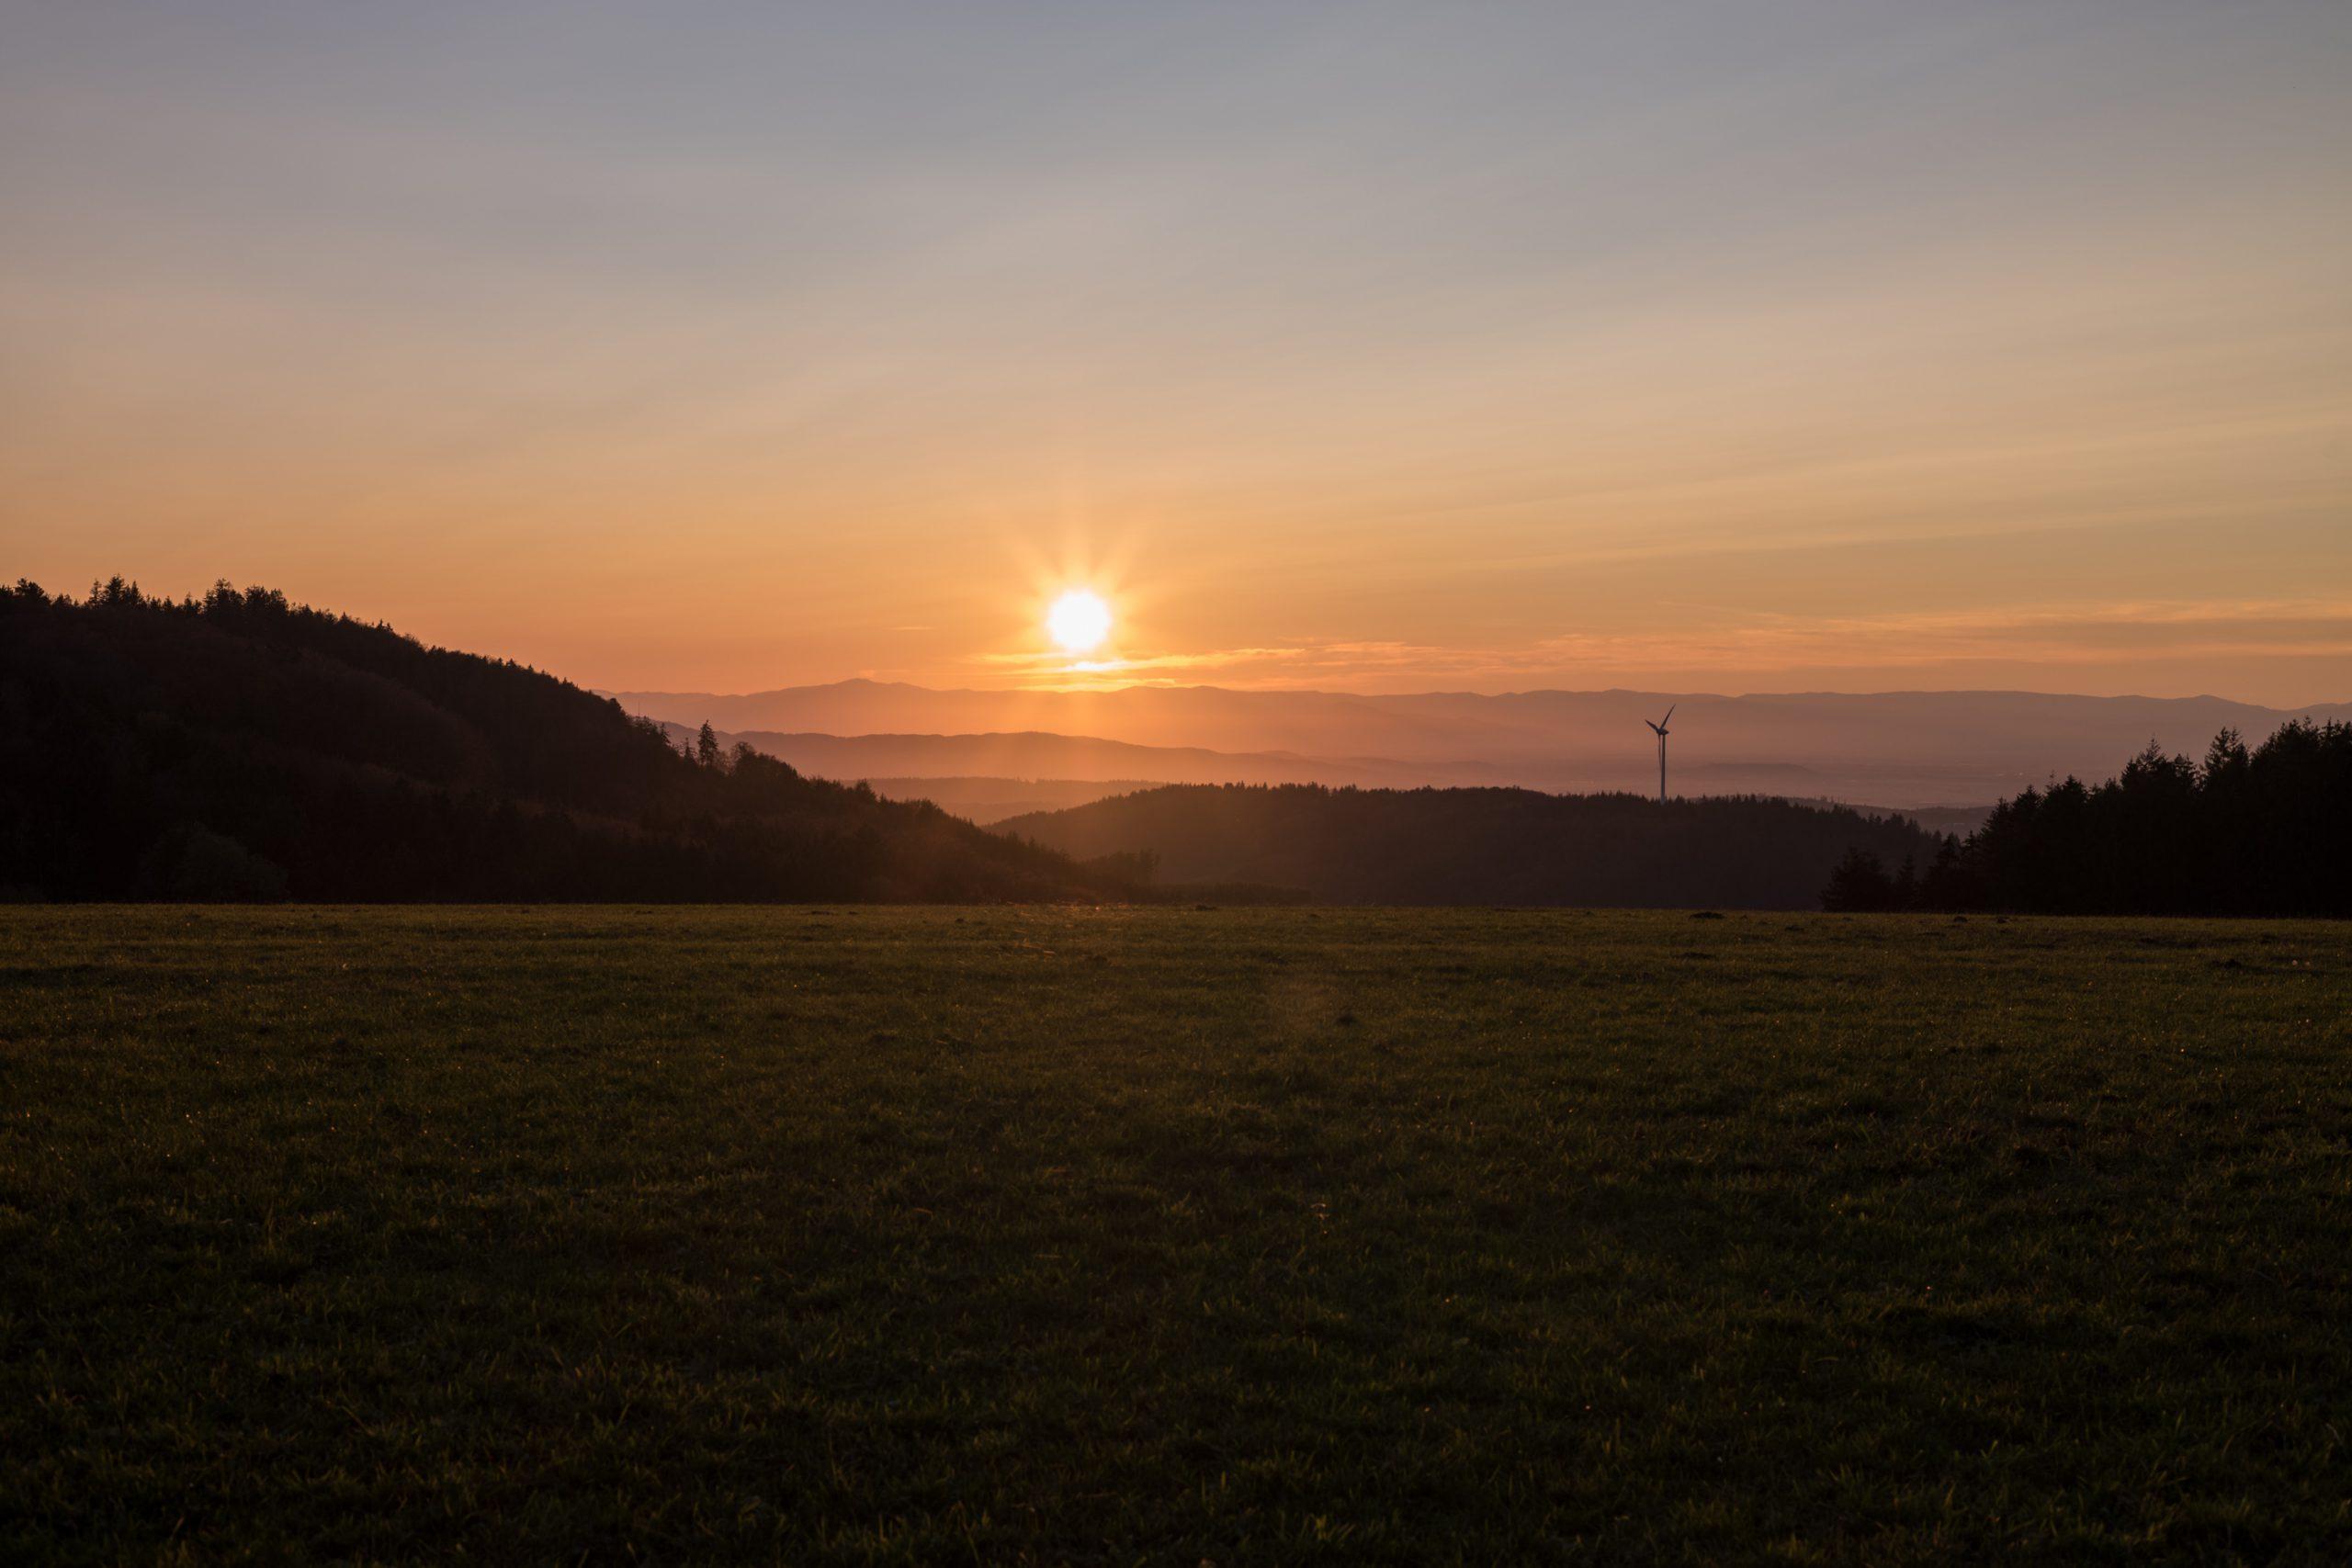 Sonnenuntergang über den Vogesen, hier von den gegenüberliegenden ersten Schwarzwaldhügeln gesehen. Das M-Hexanon packt das gut (dunkle Bereiche aufgehellt, um das Ausmaß der Überstrahlung besser zu zeigen. Konica M-Hexanon 50/2 an Leica M10.